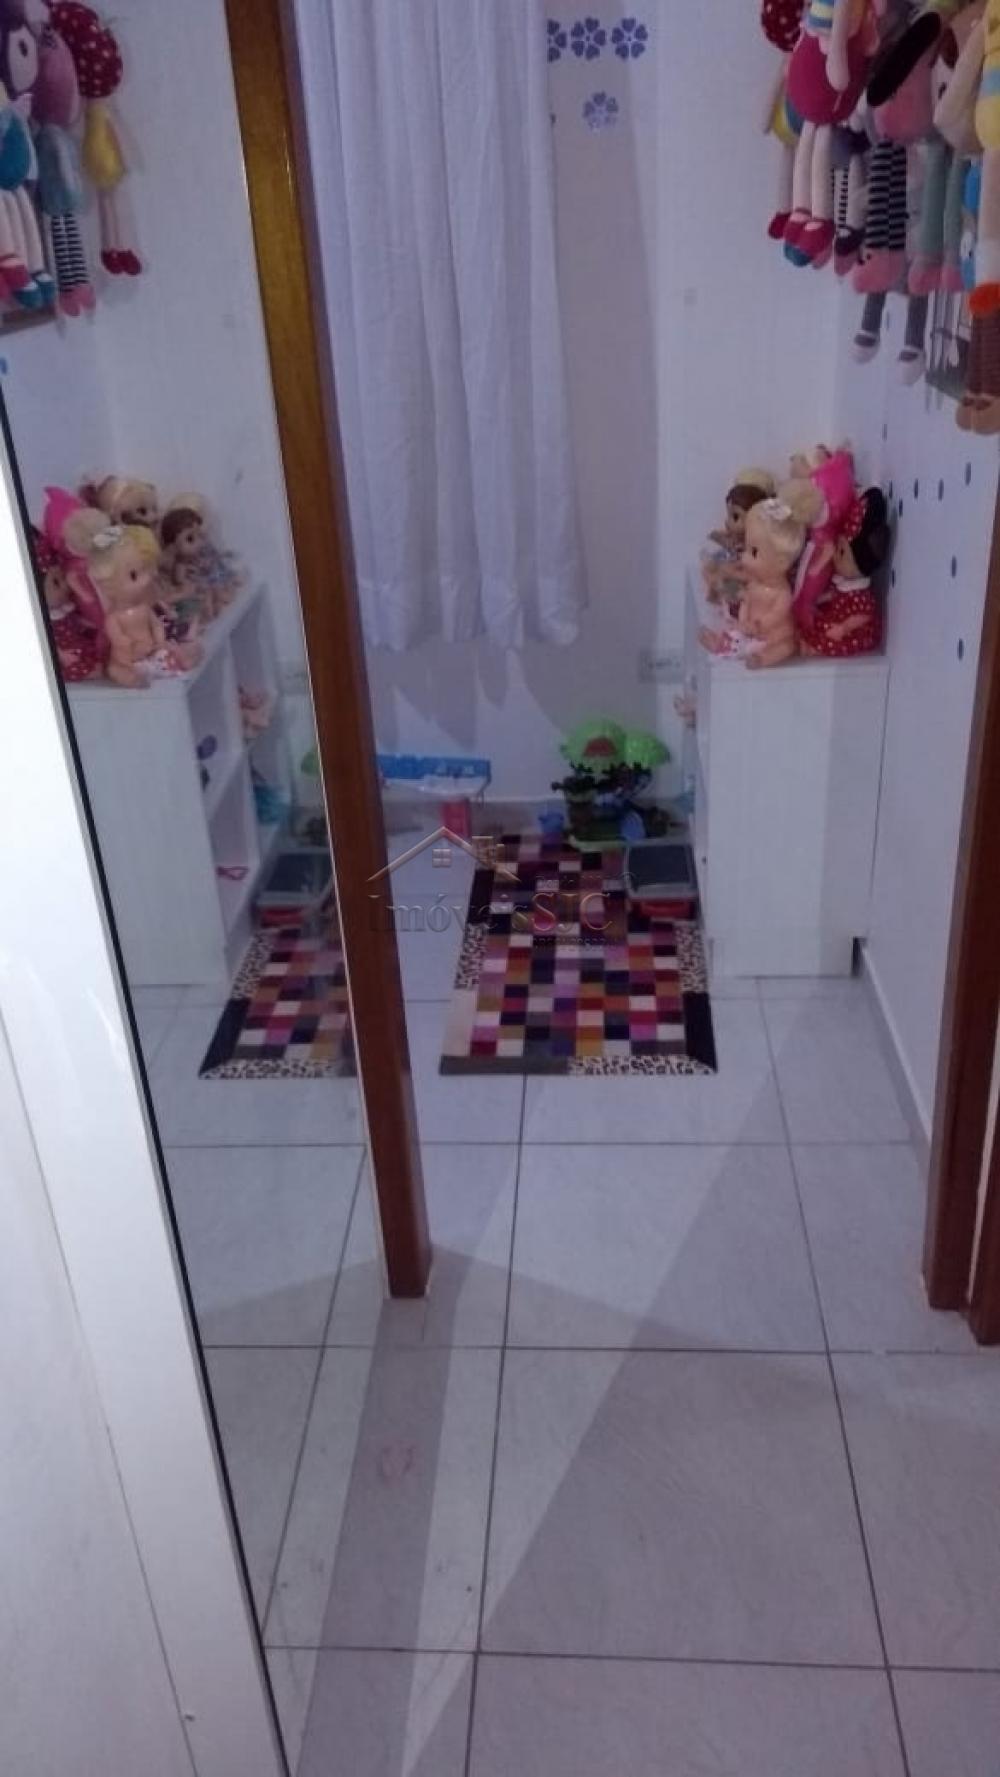 Comprar Casas / Condomínio em São José dos Campos apenas R$ 175.000,00 - Foto 14